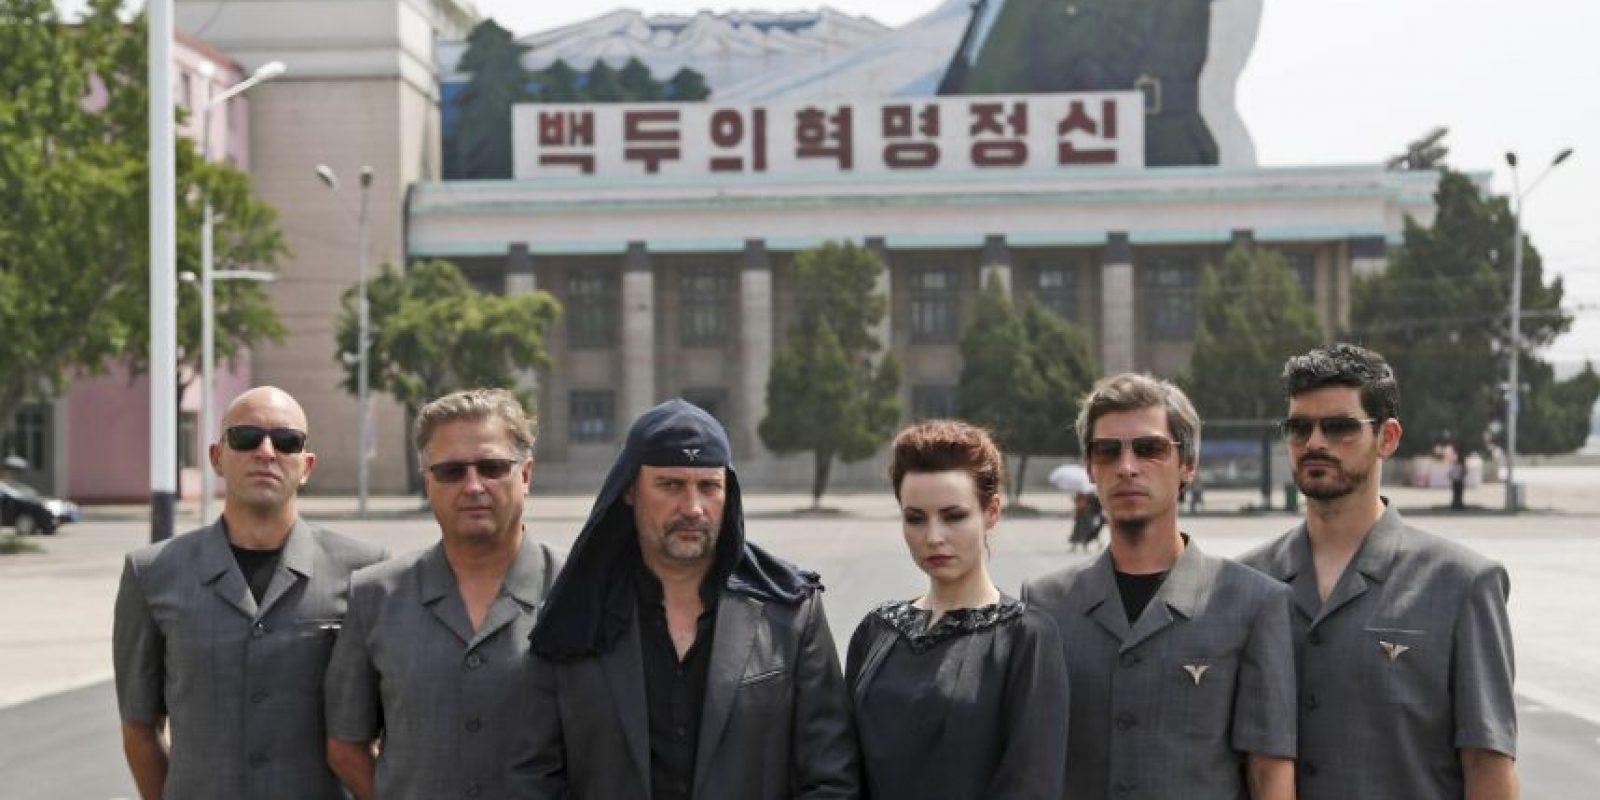 Debido a que sus puestas en escena son homenajes a las dictaduras, se les ha tachado tanto de fascistas como de comunistas. Foto:AP